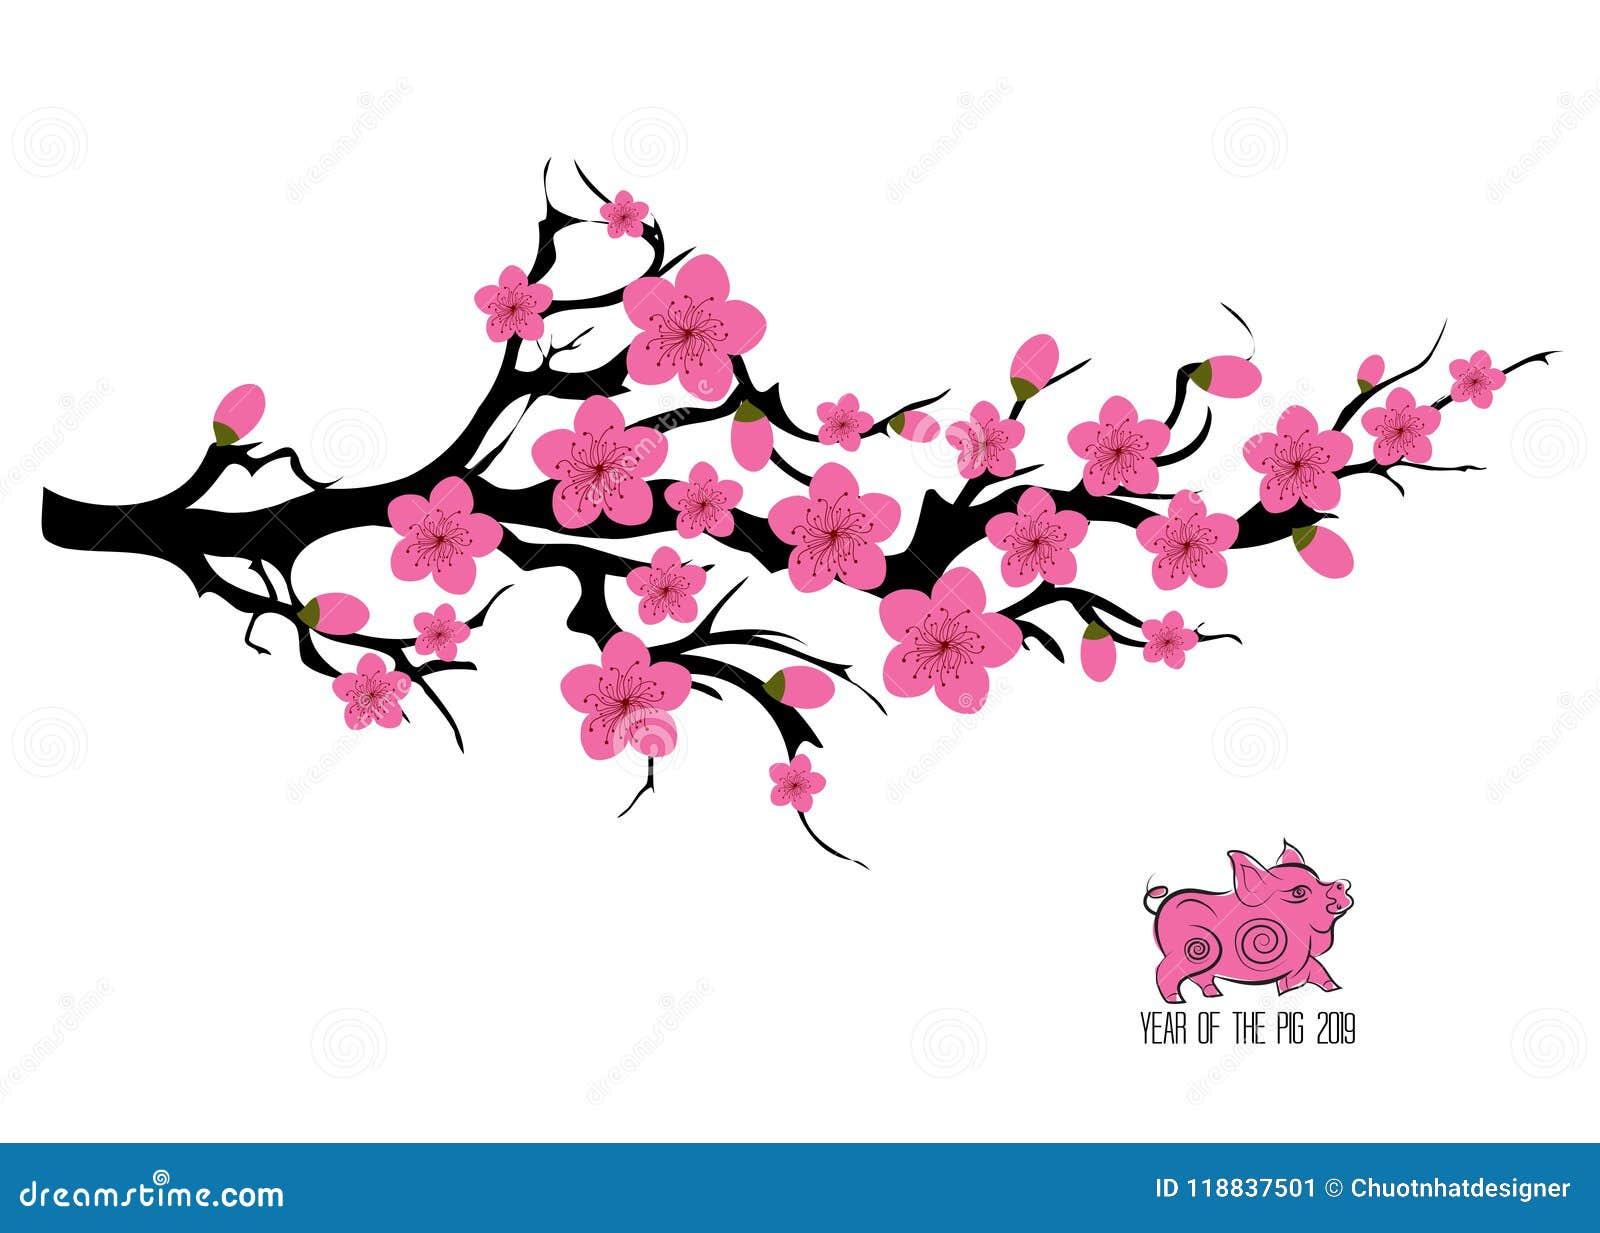 Illustration De Embranchement D'arbre De Fleurs De Cerisier Du Japon Carte Japonaise D ...